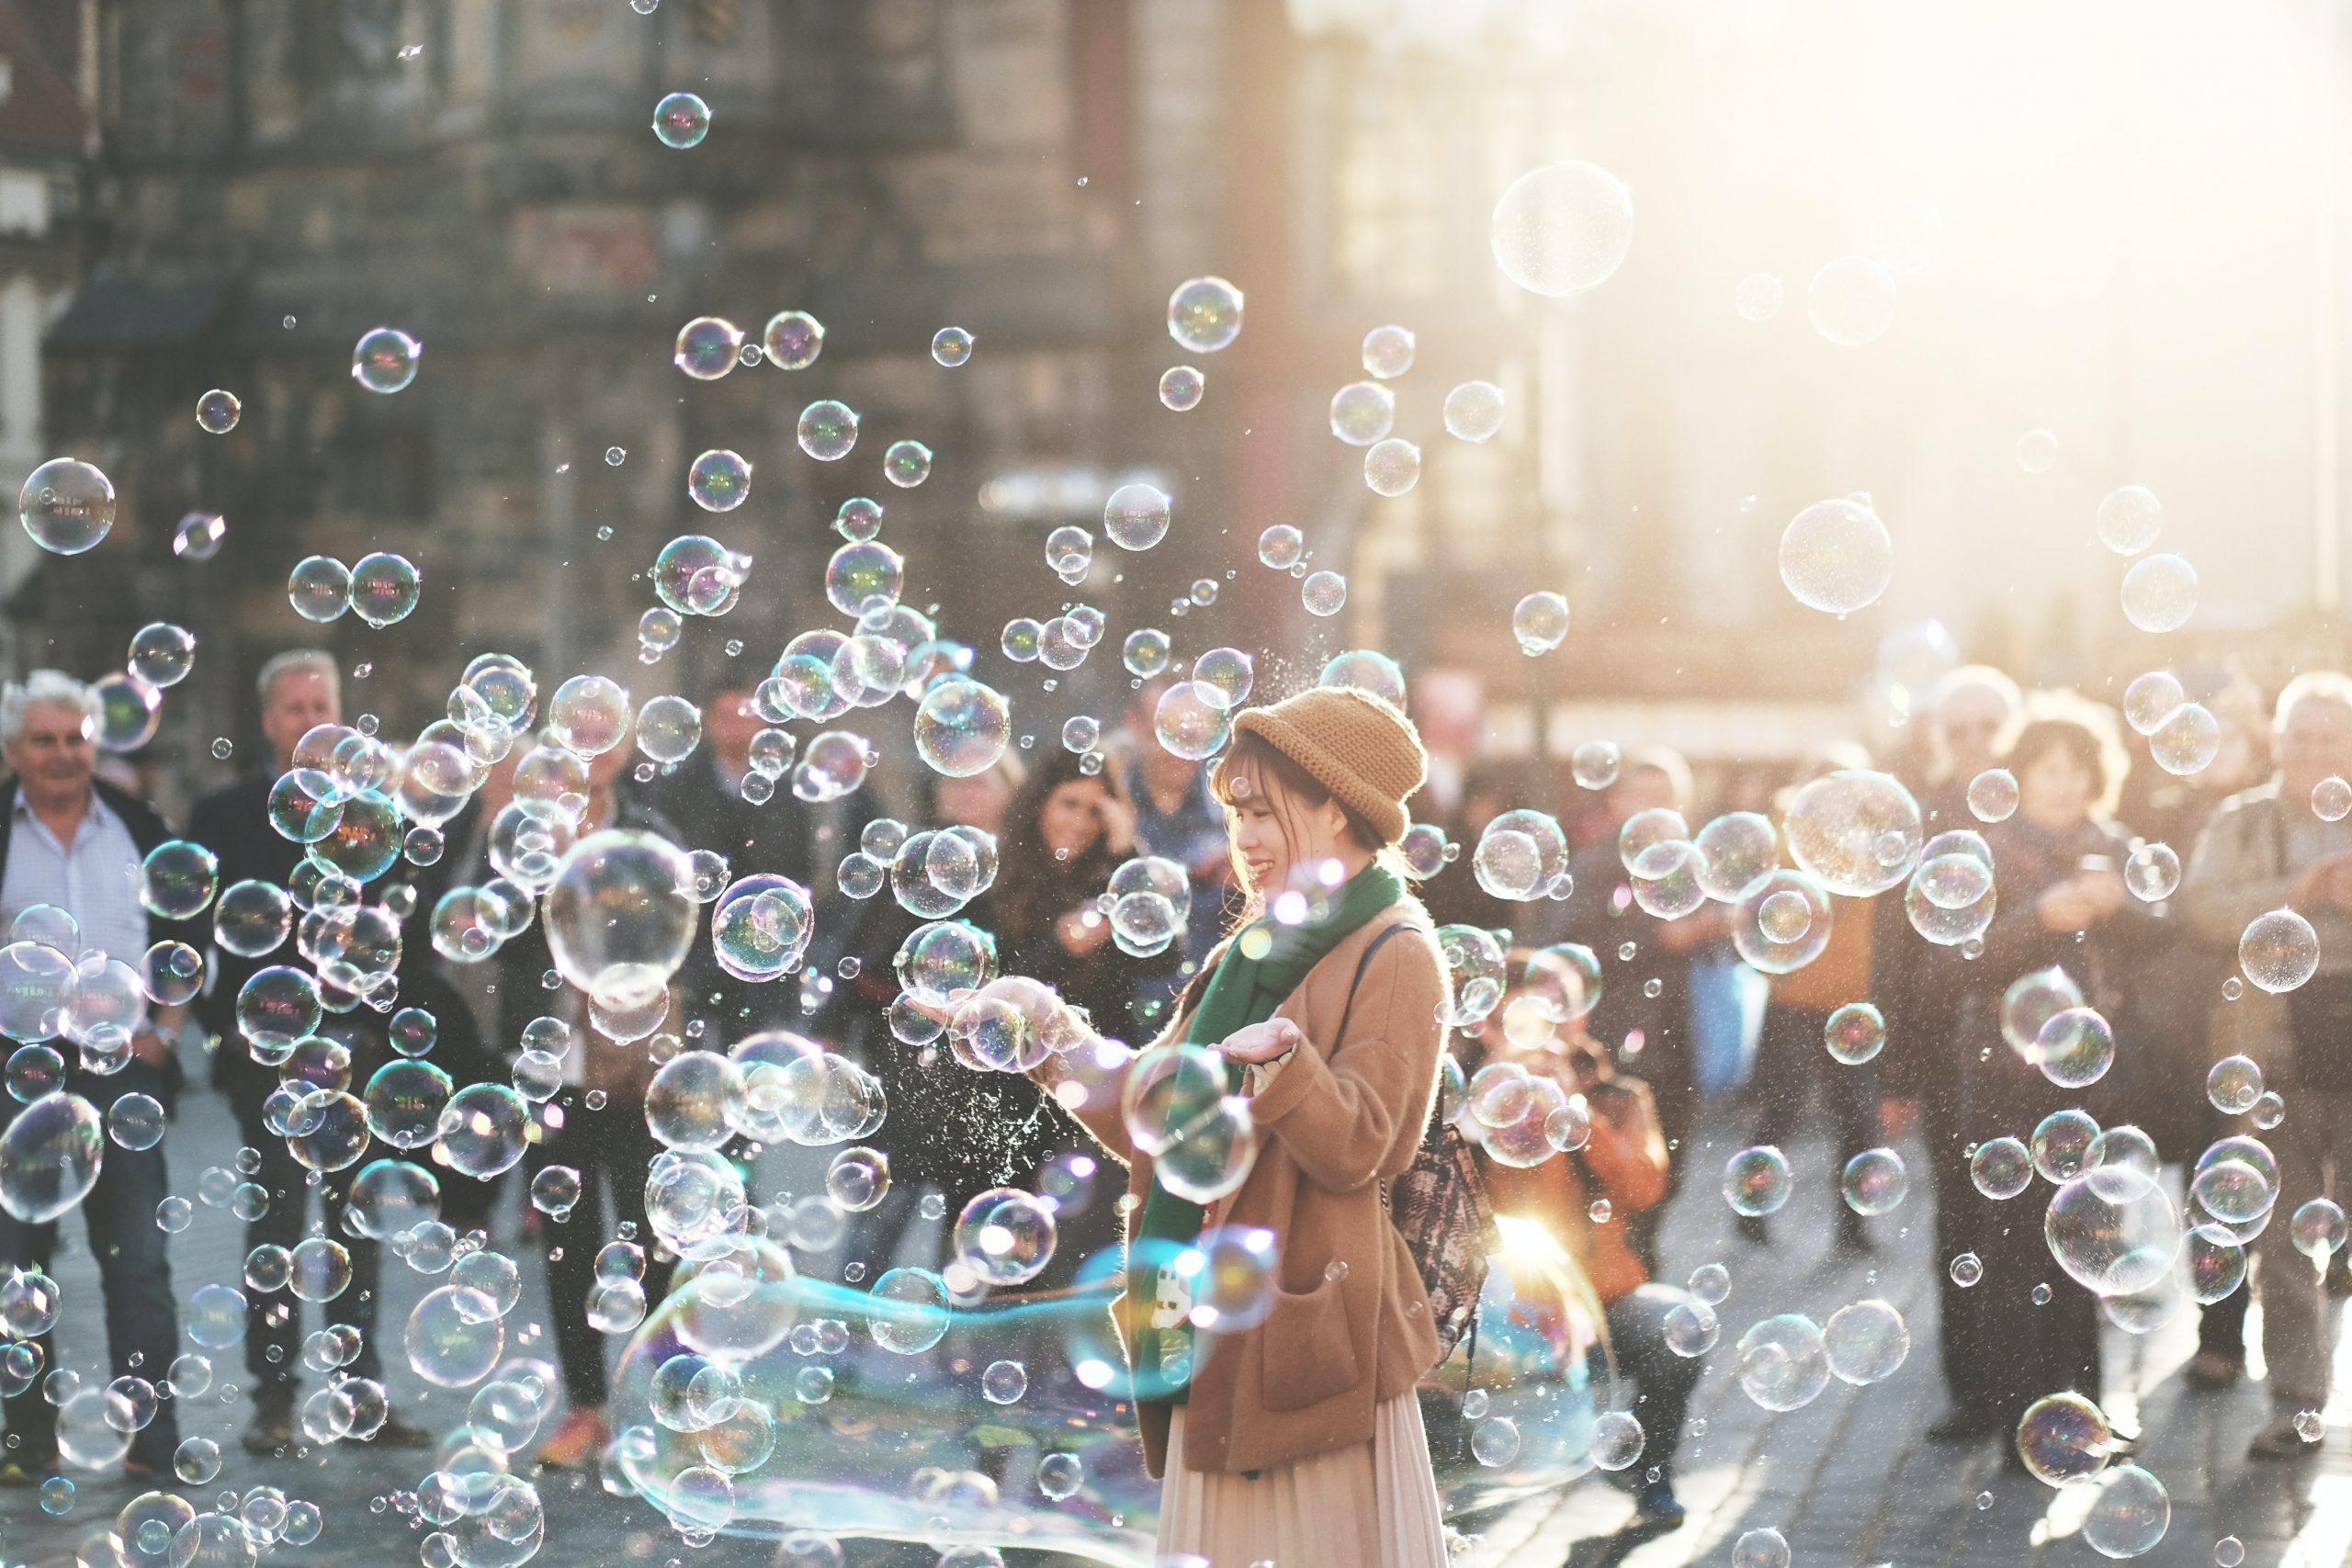 meditazione per osservare i pensieri come bolle